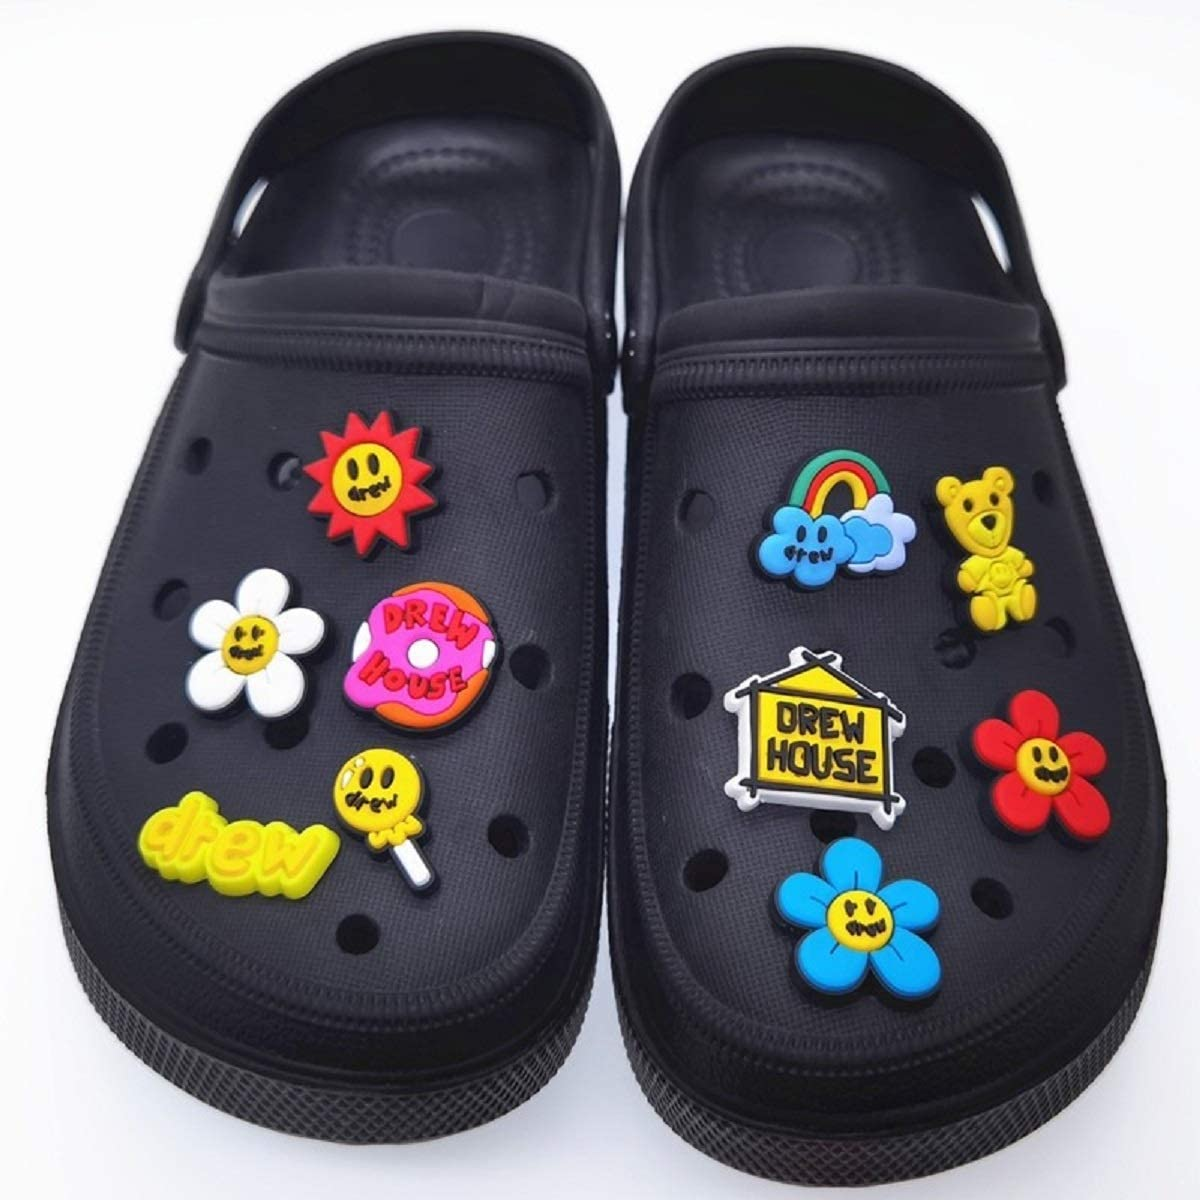 Max 65% OFF 10 PCS Shoe Charms 2020 Drew Croc Designs Charm Shoes for Sales House